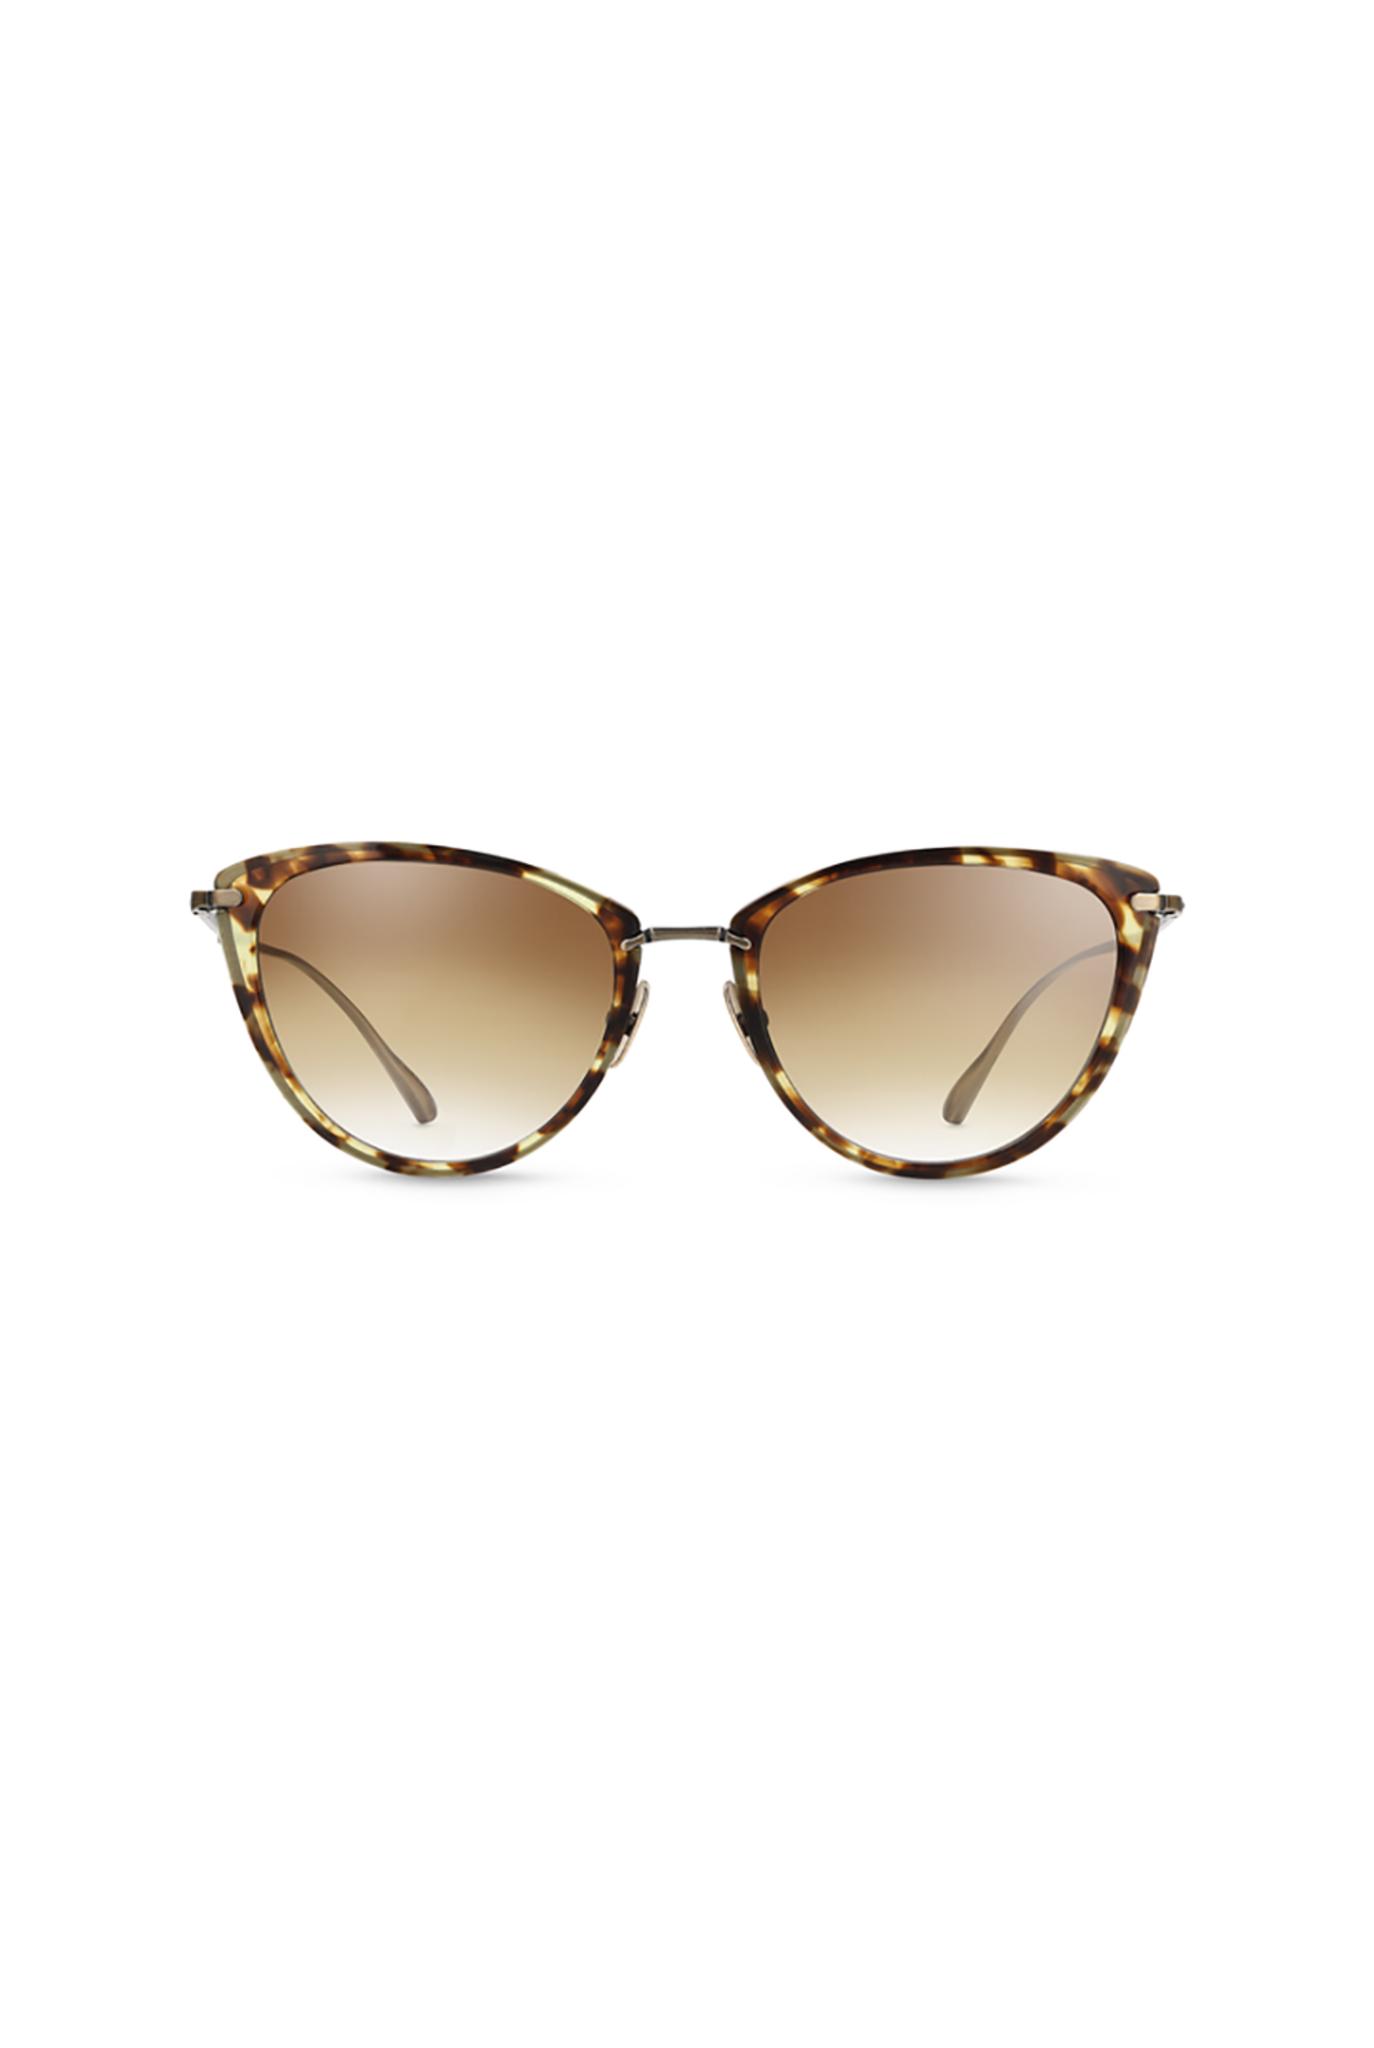 Beverly S53 Tortoise-Antique Gold/Warm Brown Gradient